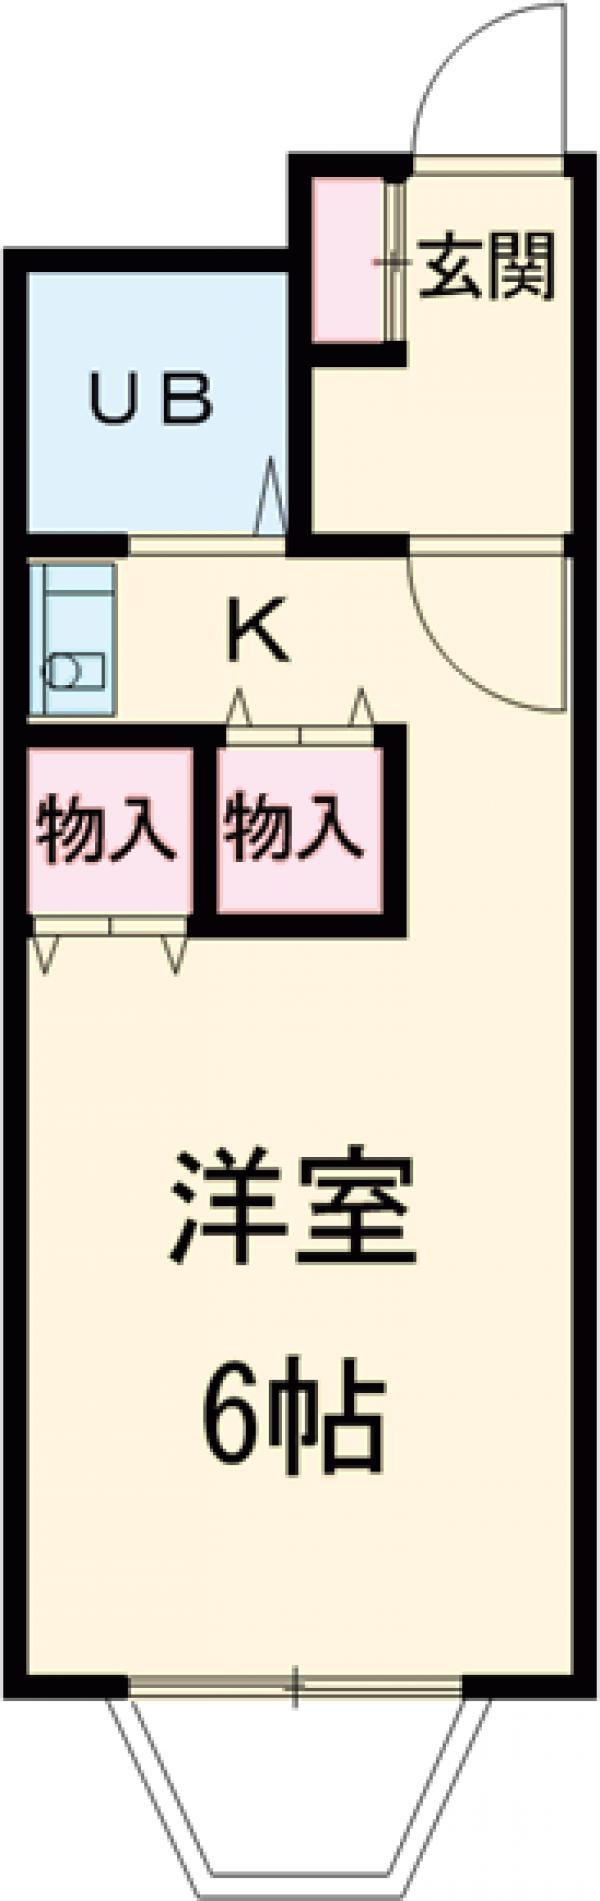 ピアマイン勝山 201号室間取り図